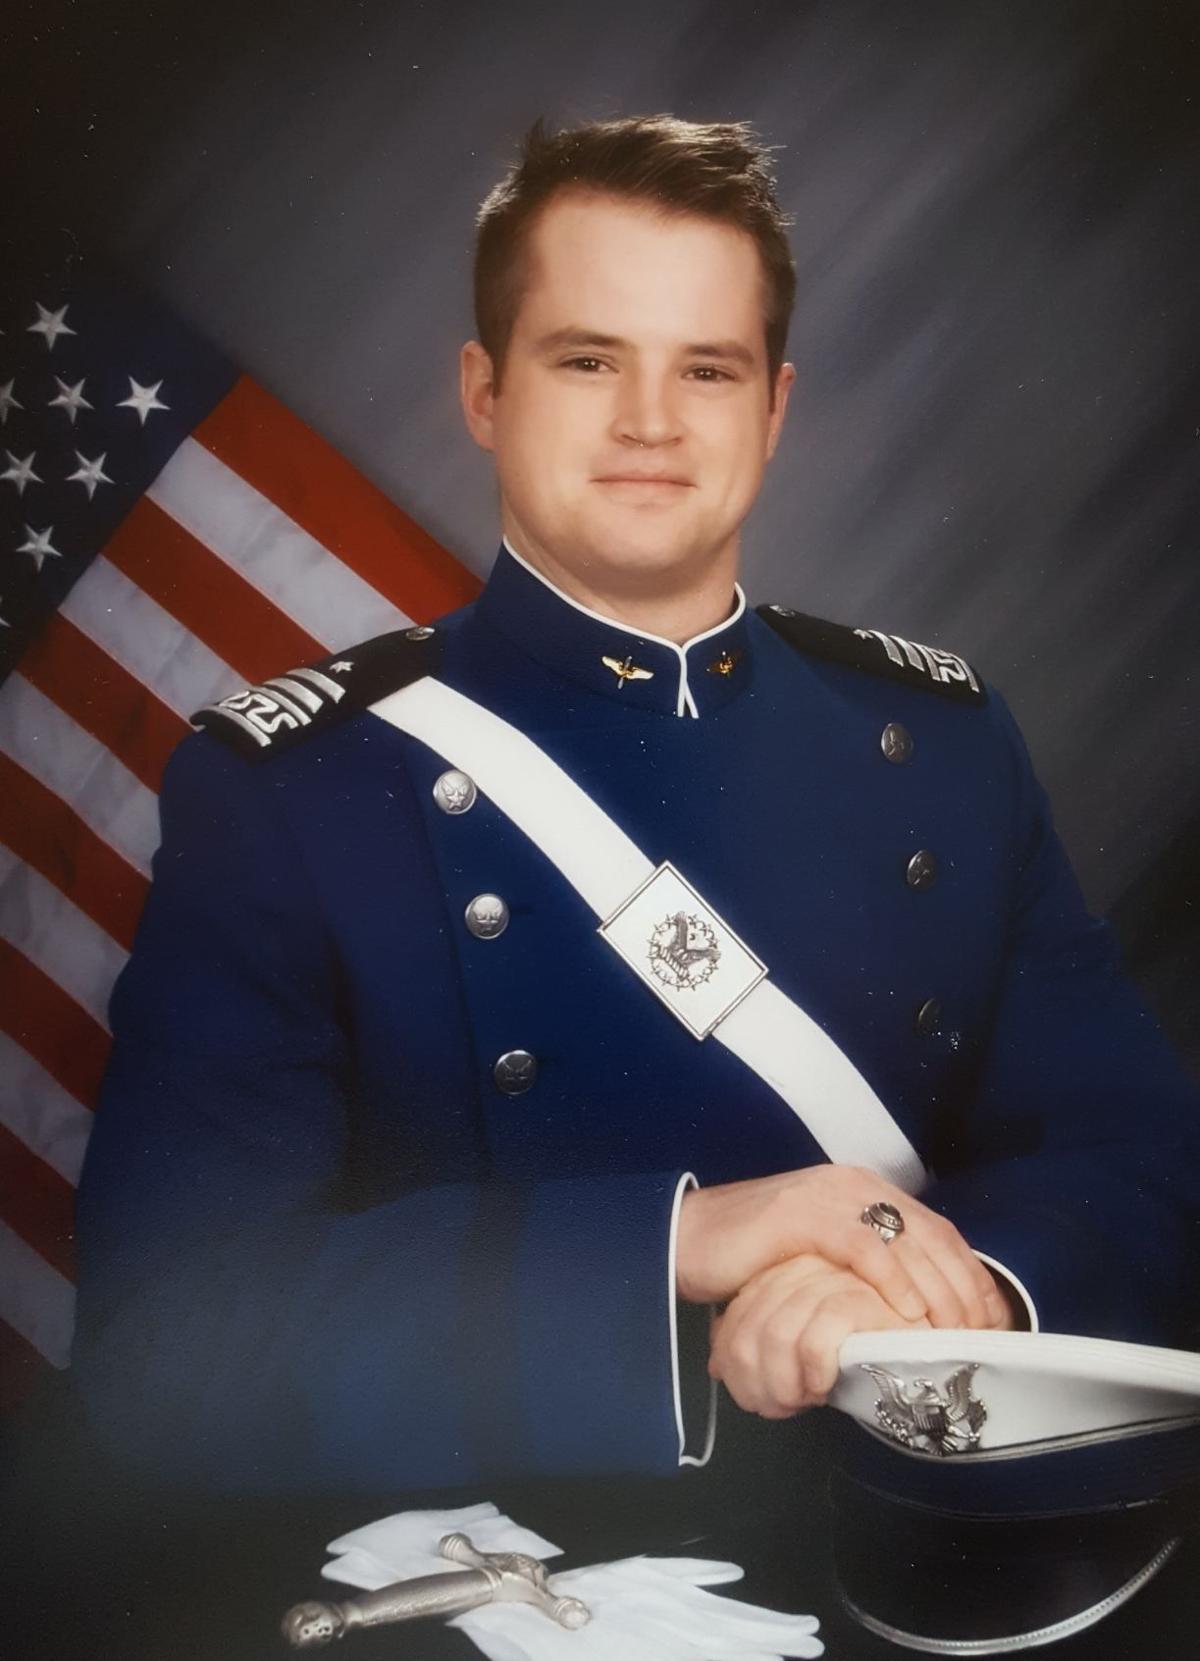 2nd Lt. Jacob Martin